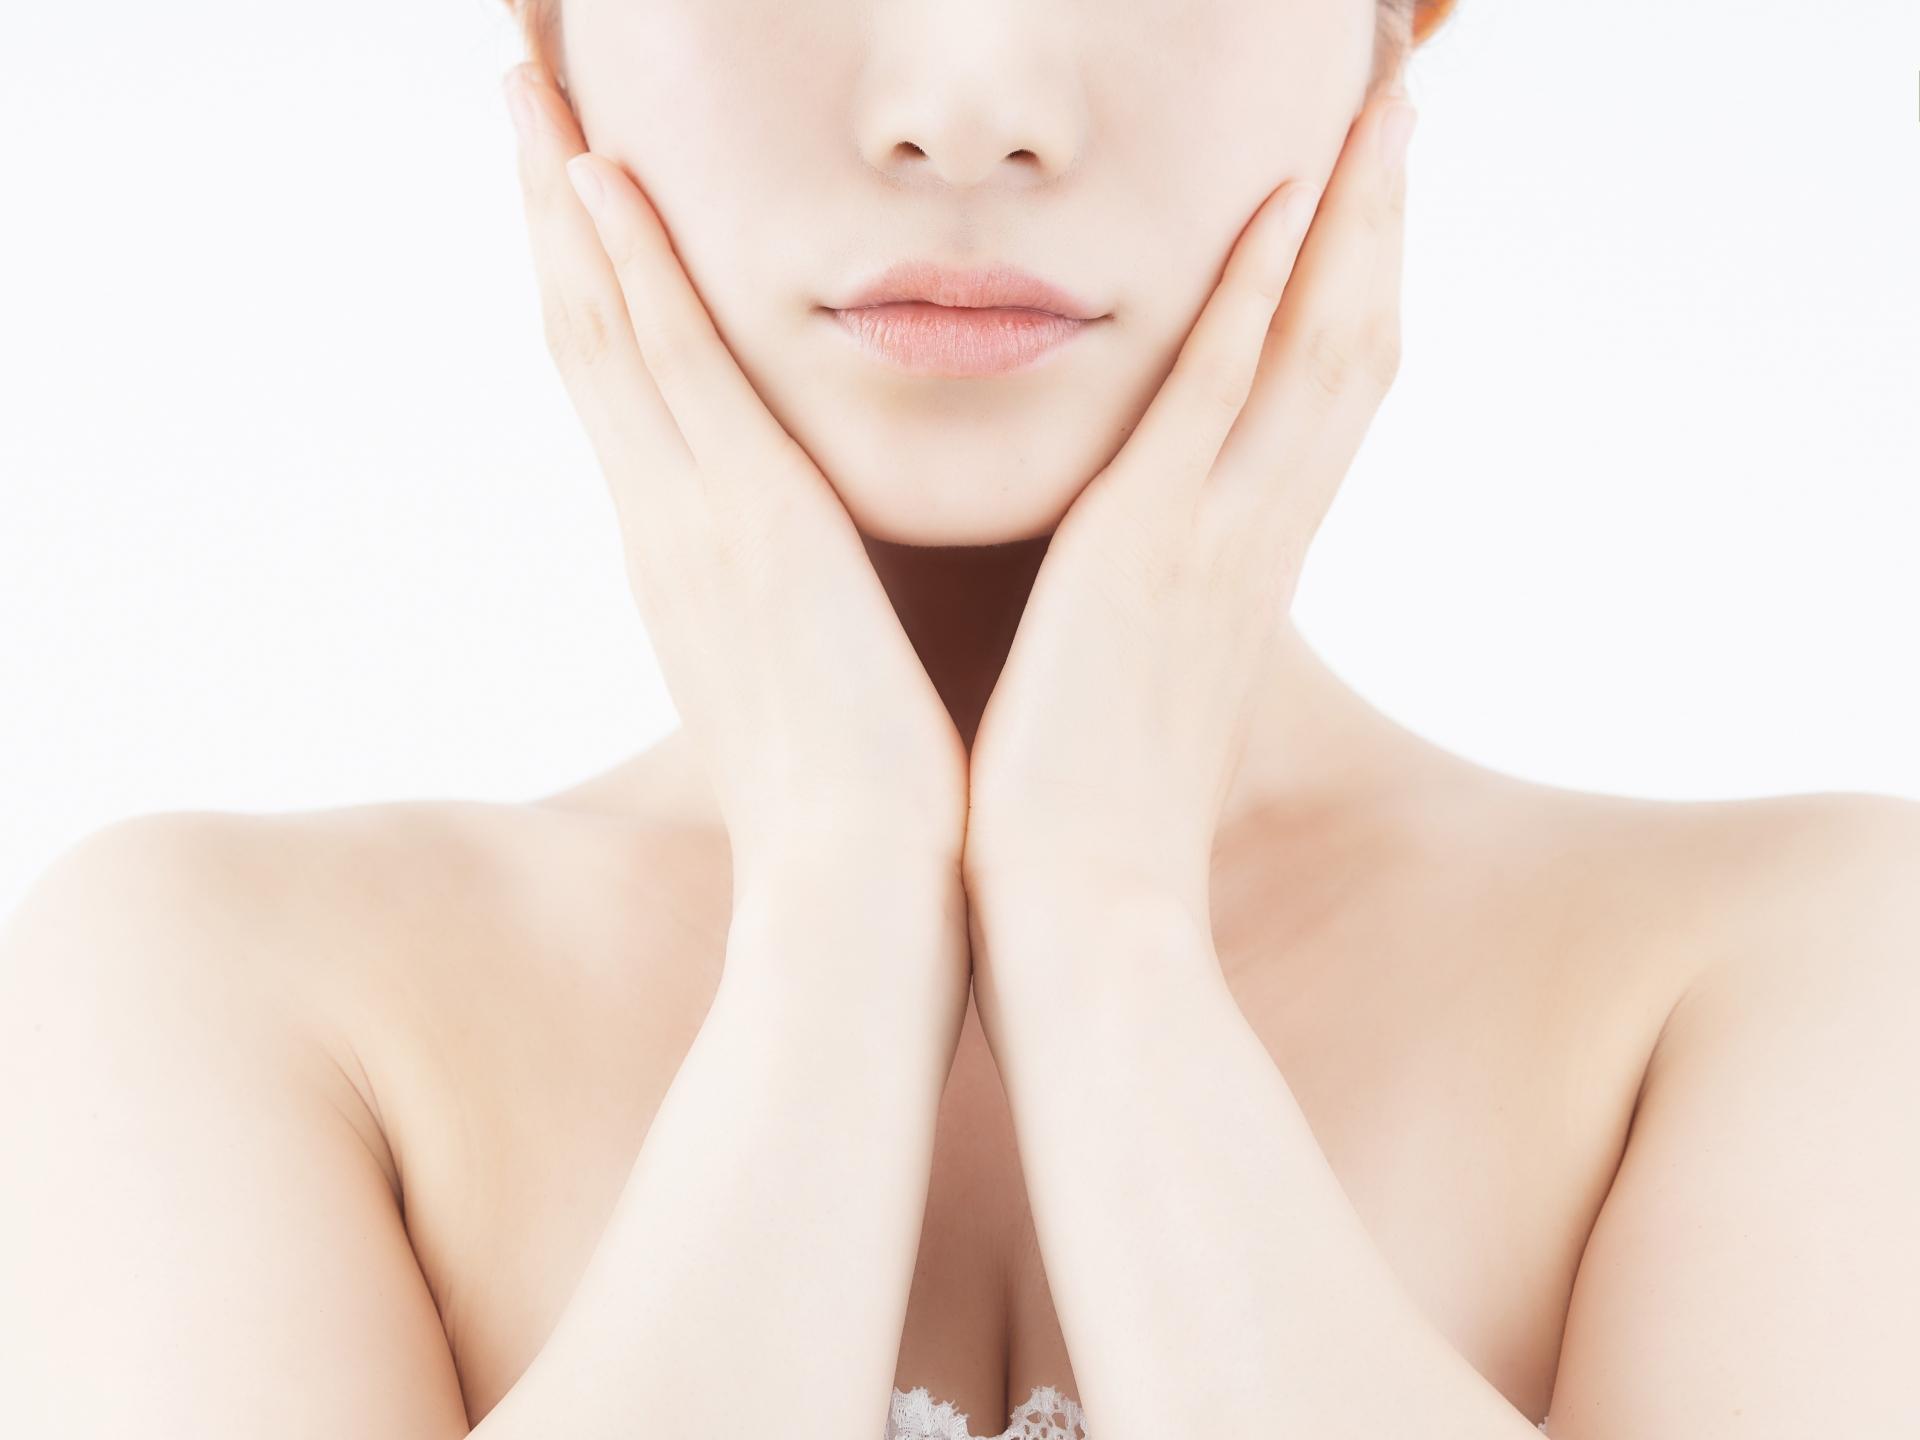 【顔のスキンケア】スキンケアの基本は3段階!「洗顔」・「補水」・「保湿」の3段階を丁寧に解説